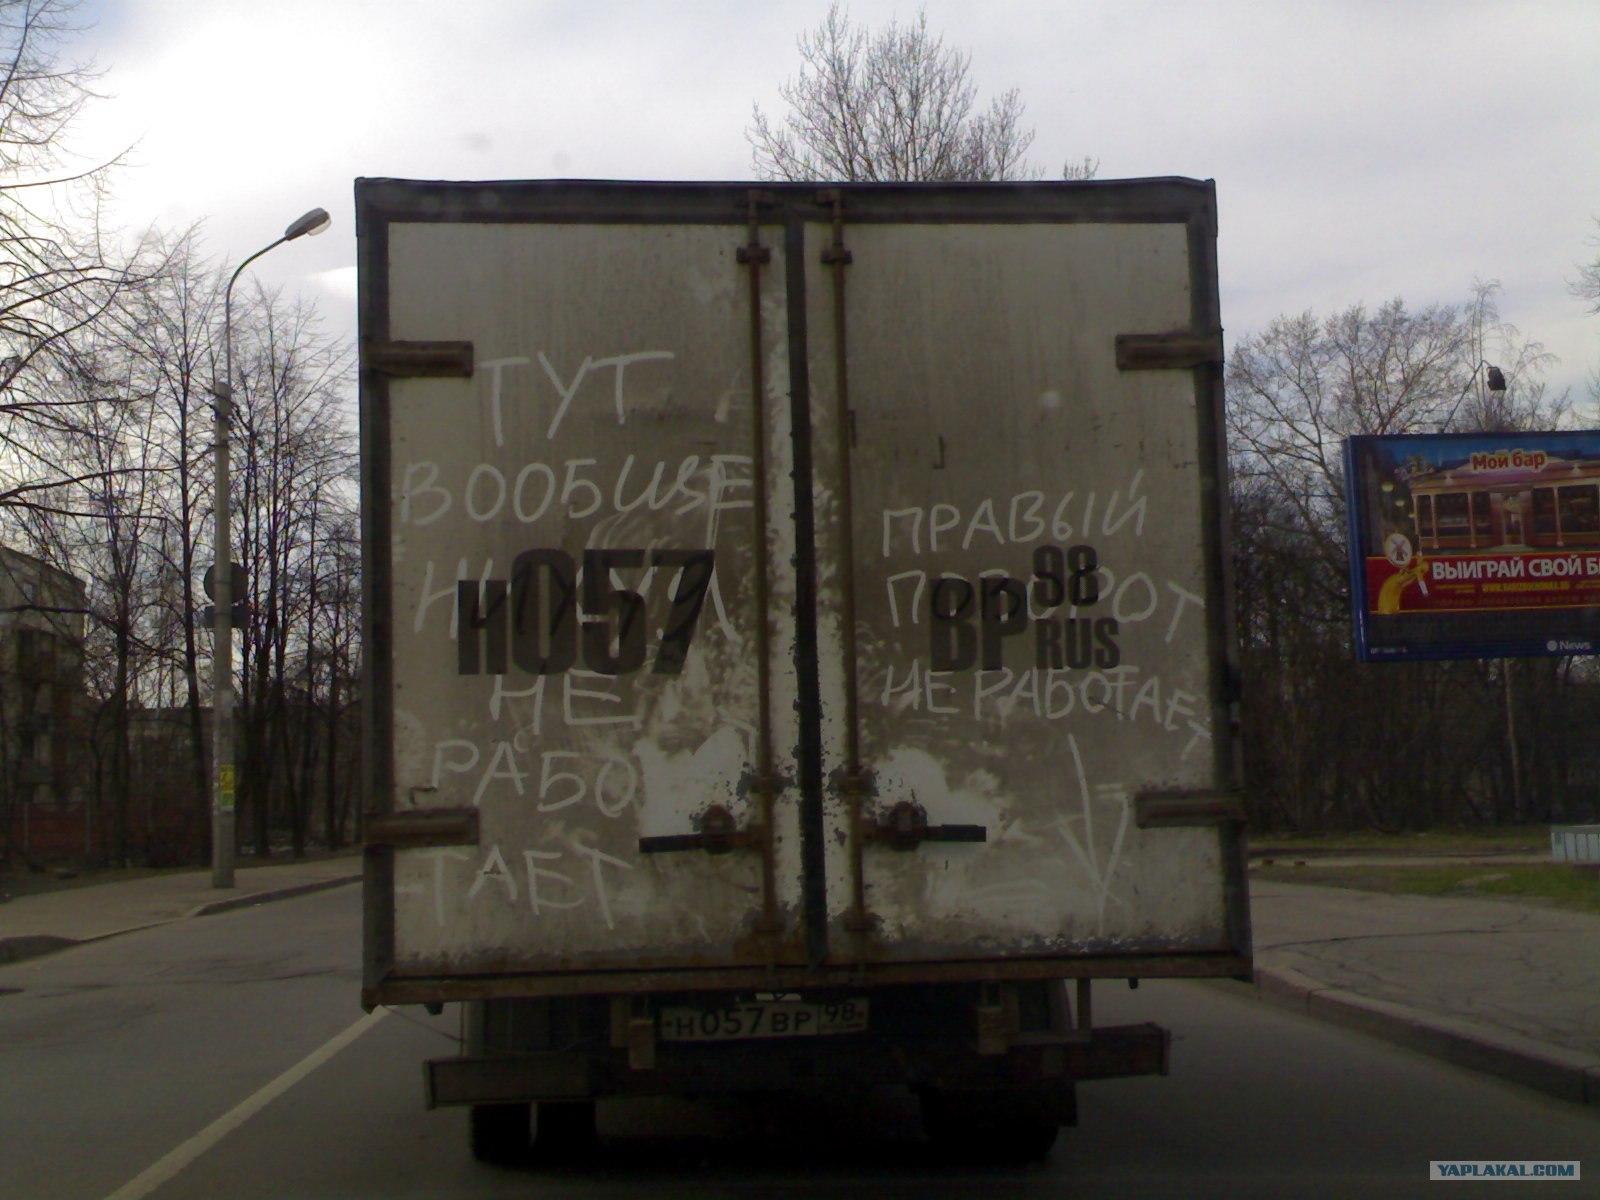 Прикольные надписи на машинах 7 фотография